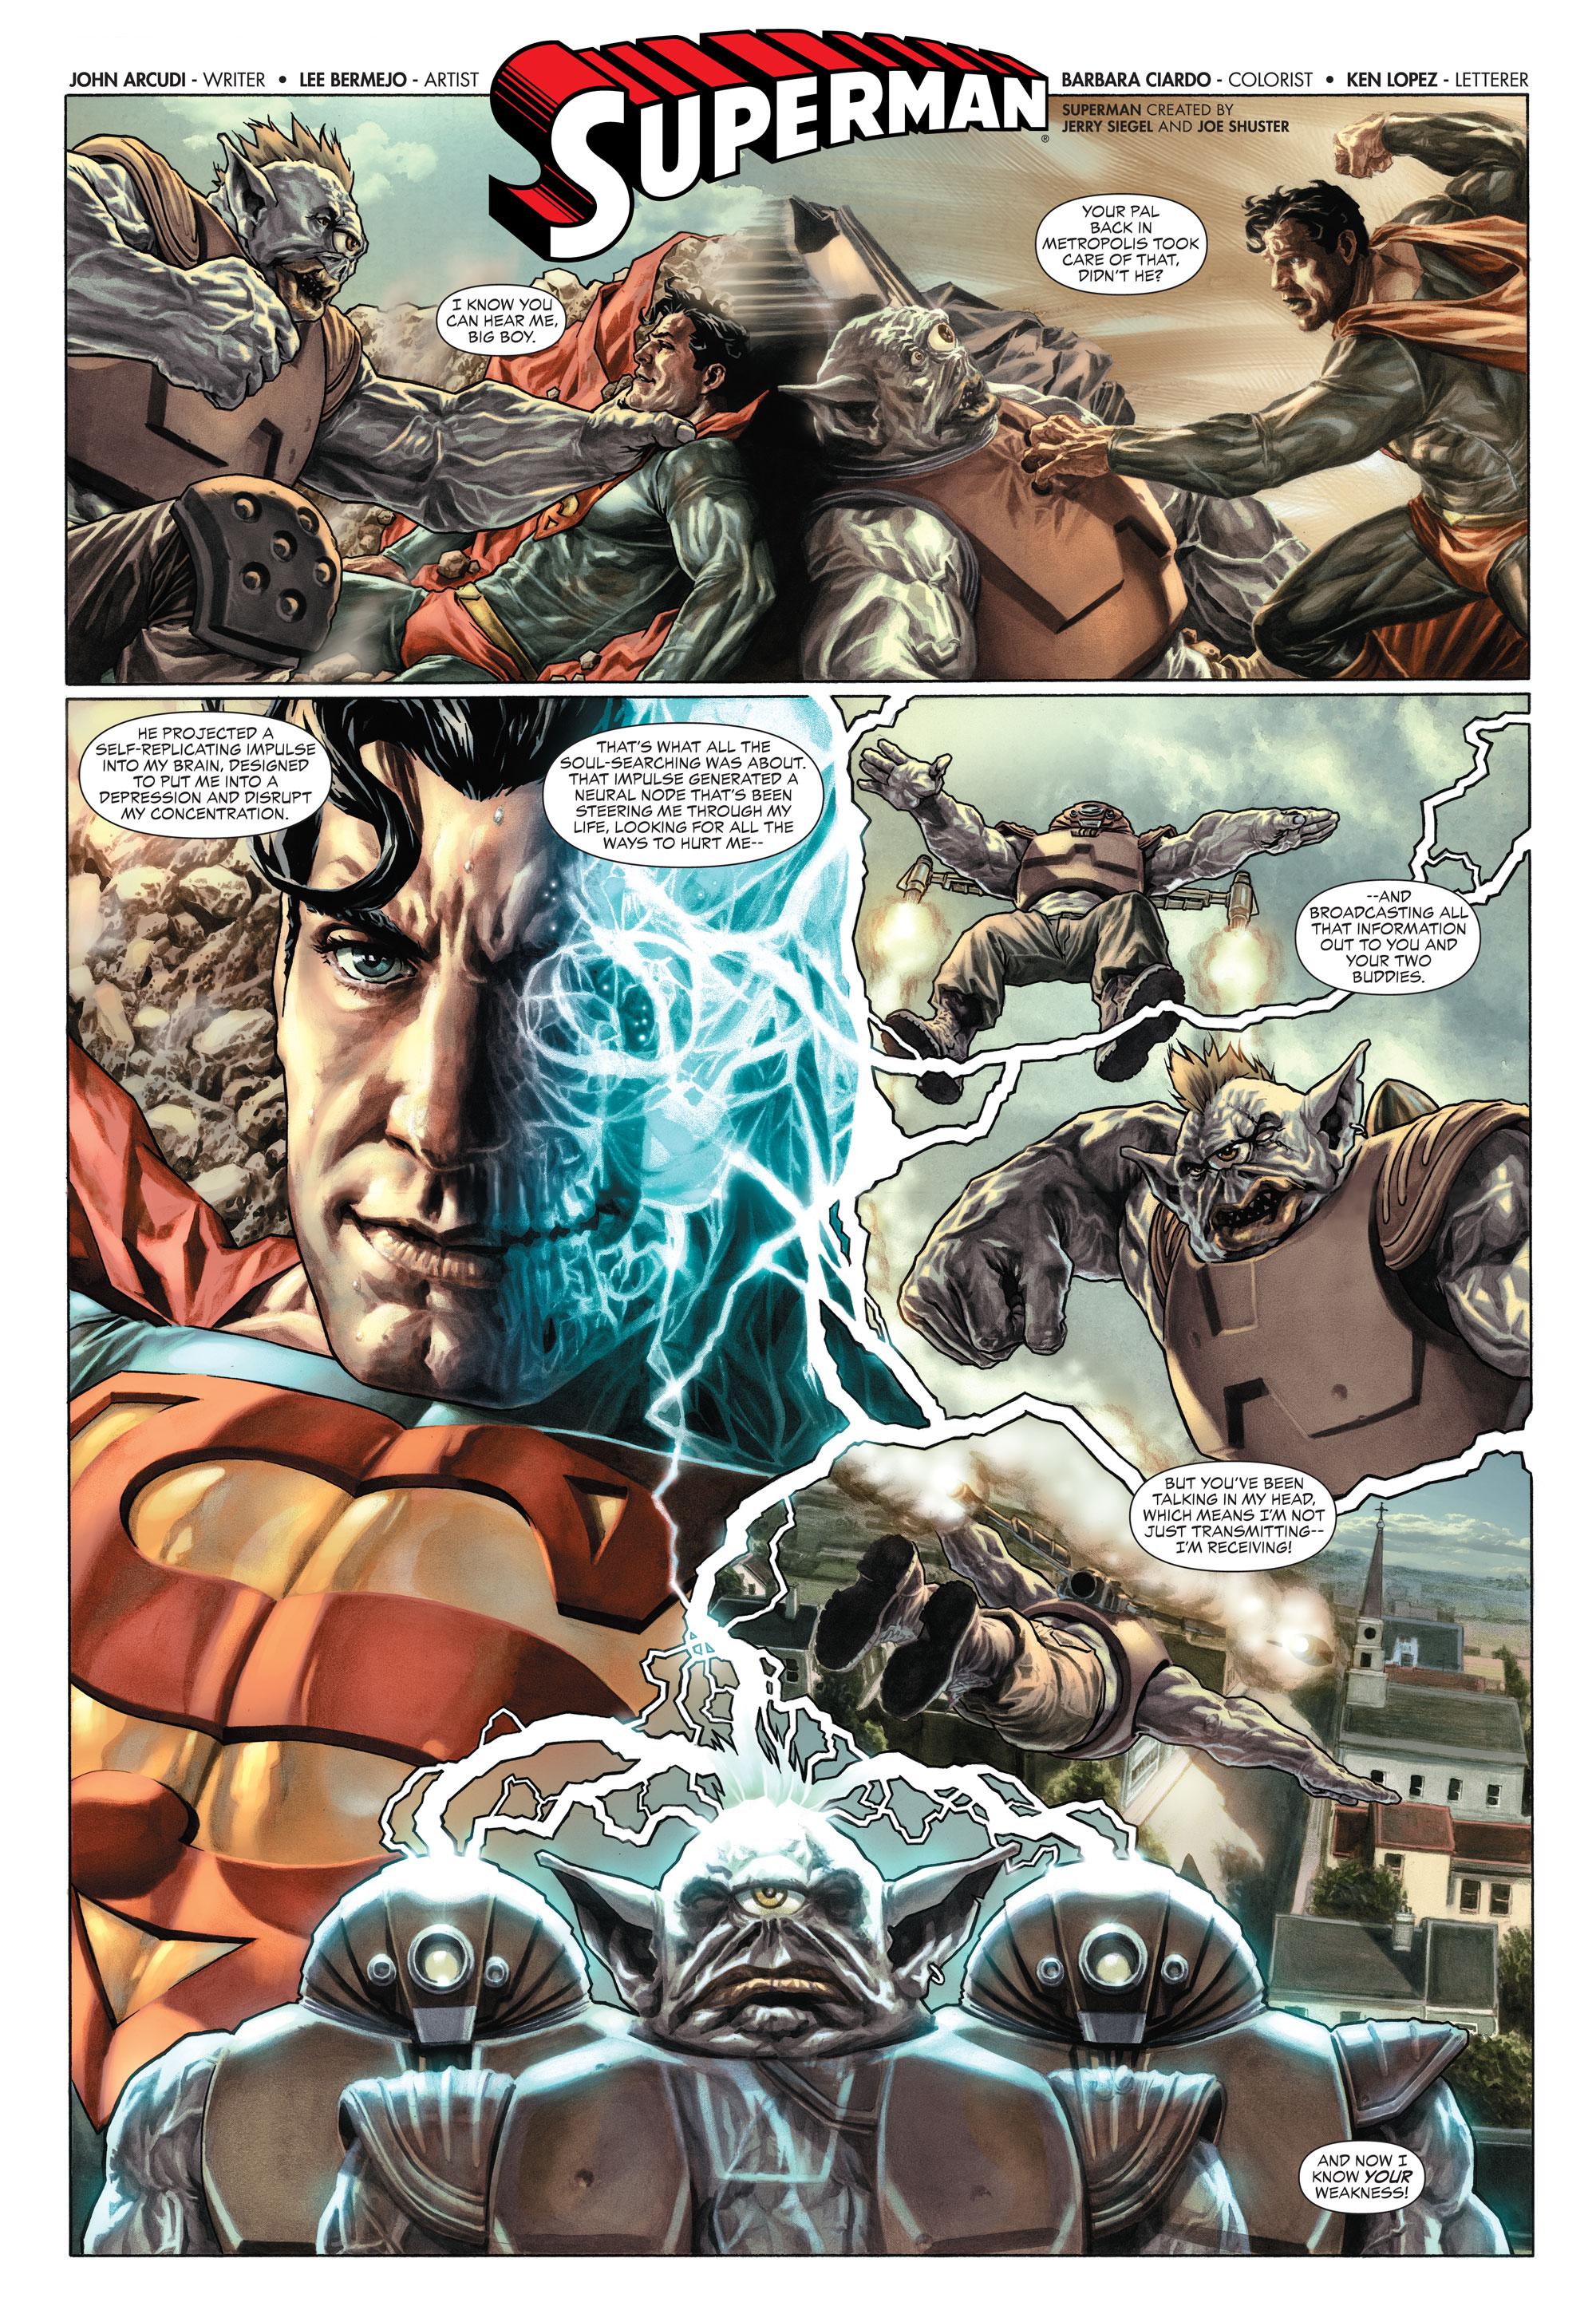 Superman Super Girl Super Boy Wallpaper Wednesday Comics Neil Gaiman Kurt Busiek Paul Pope